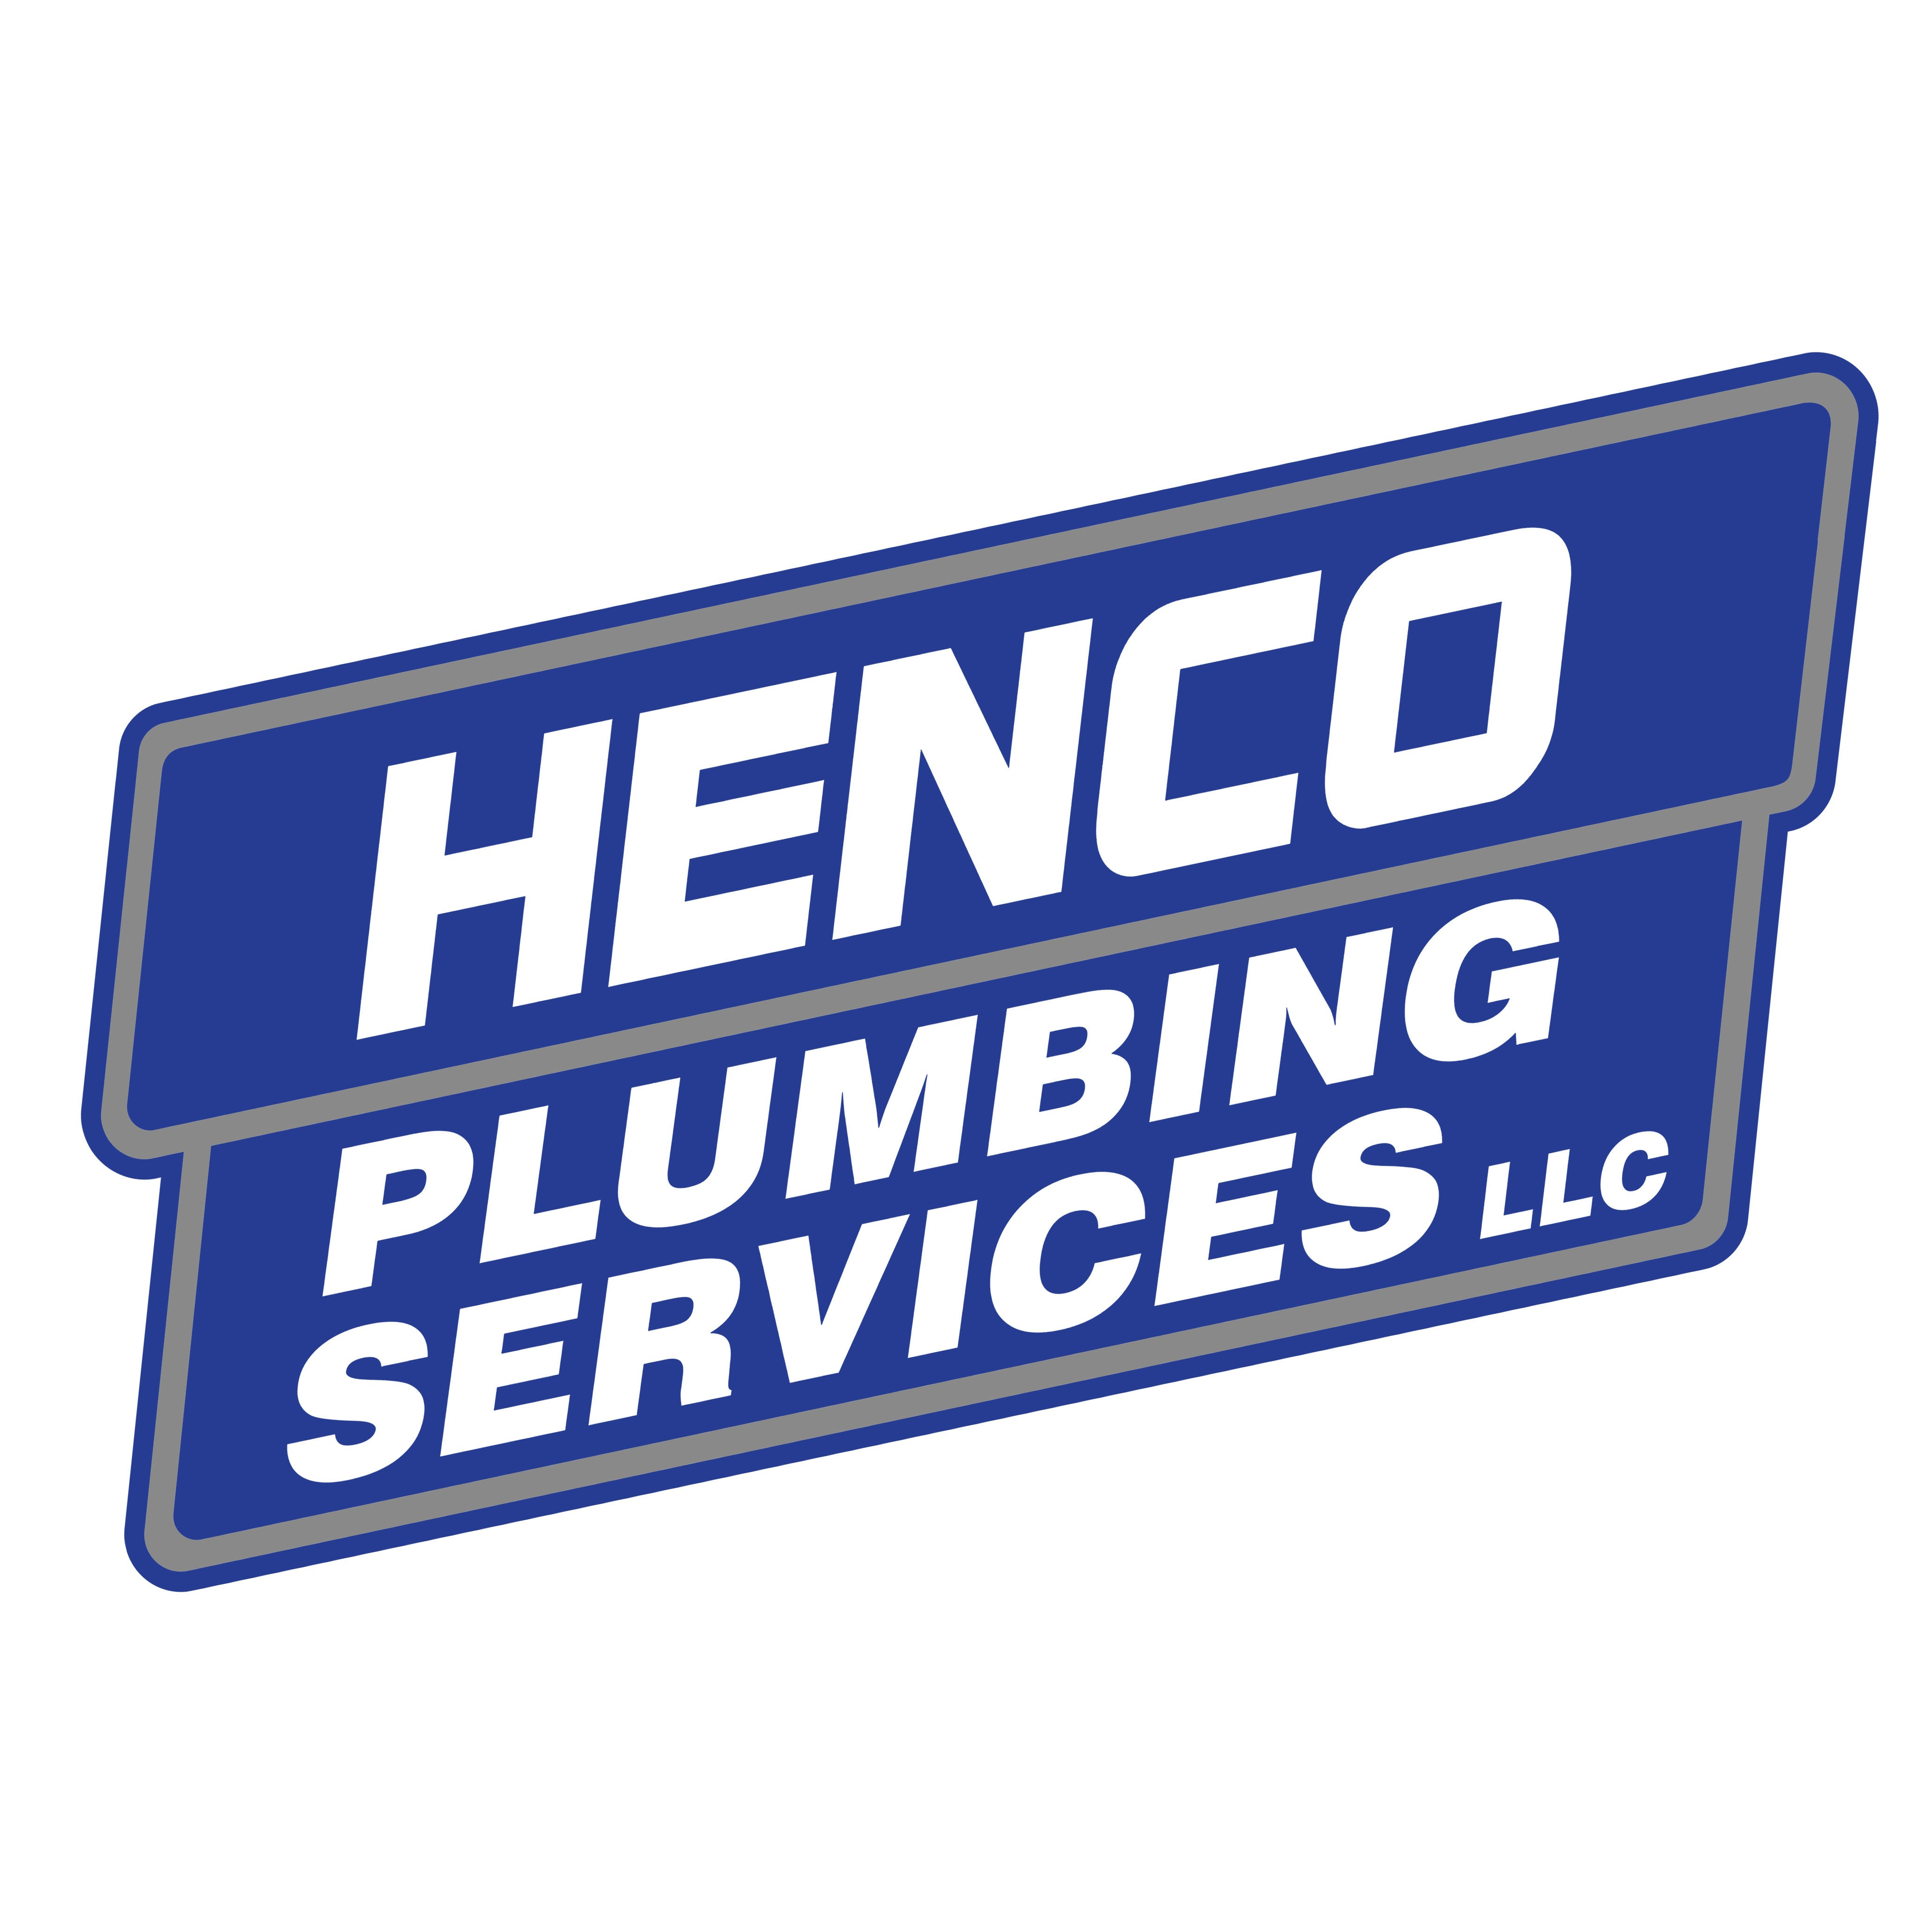 Henco Plumbing Services